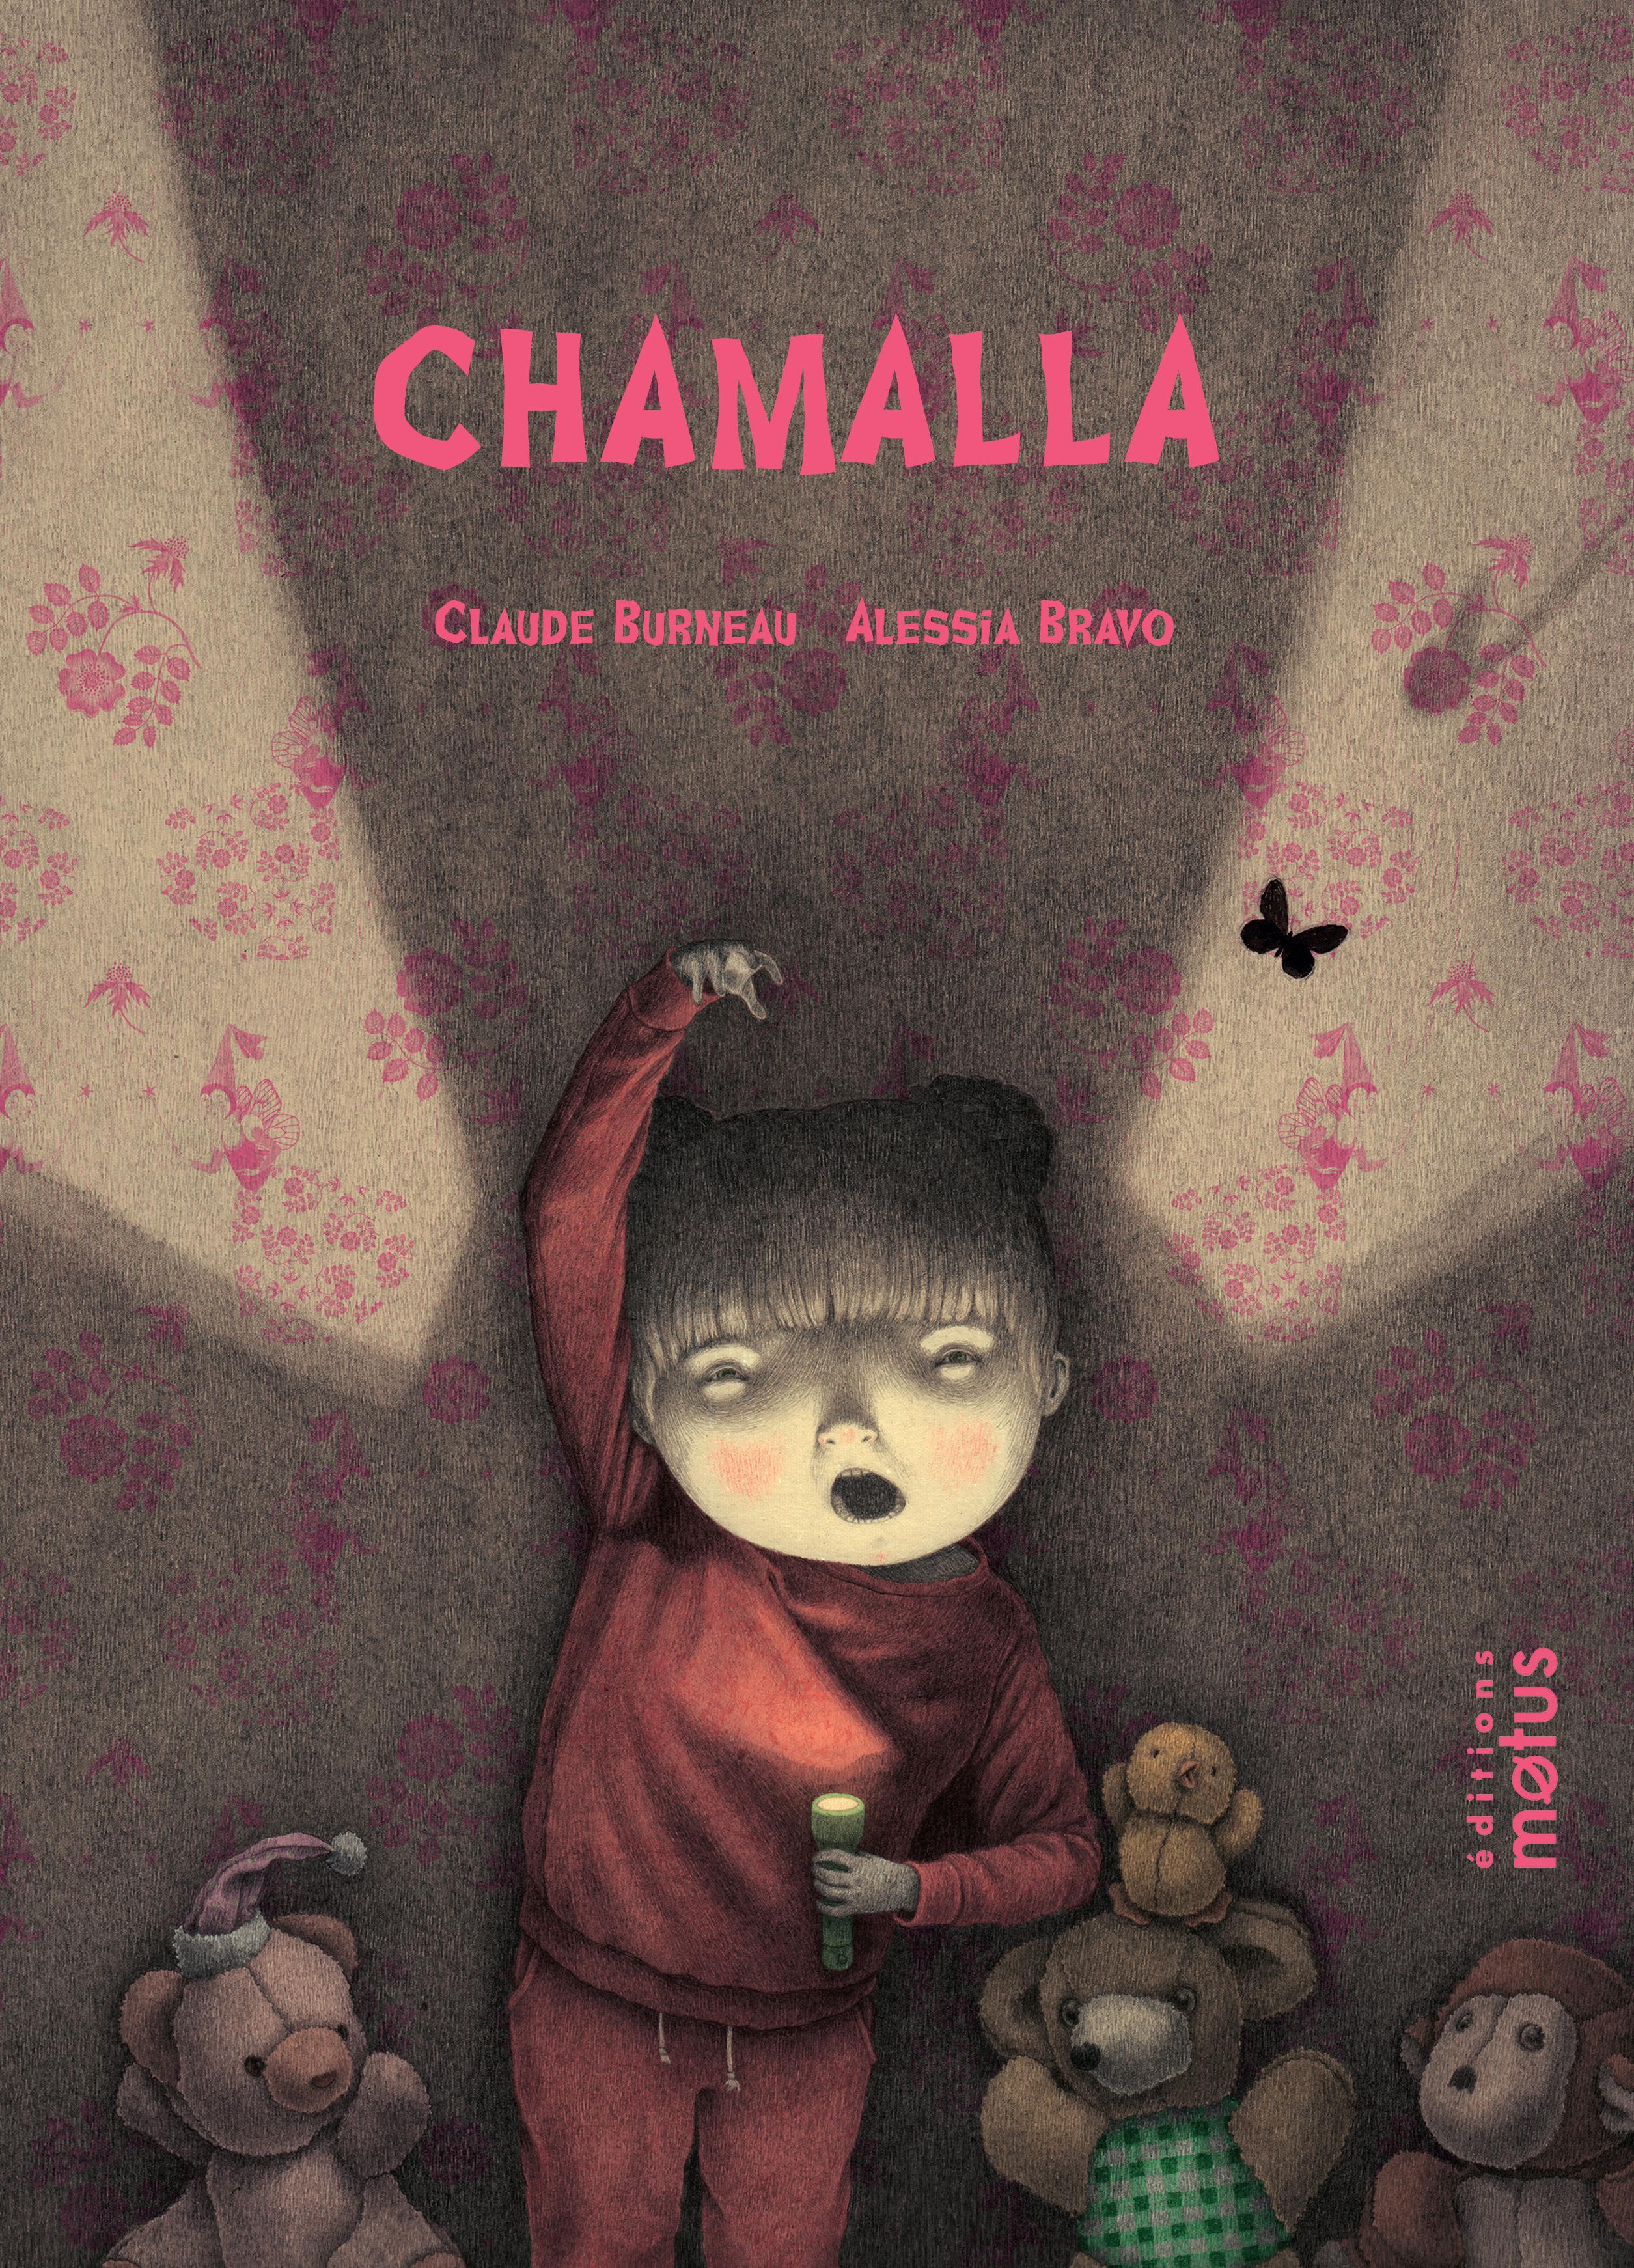 Chamalla